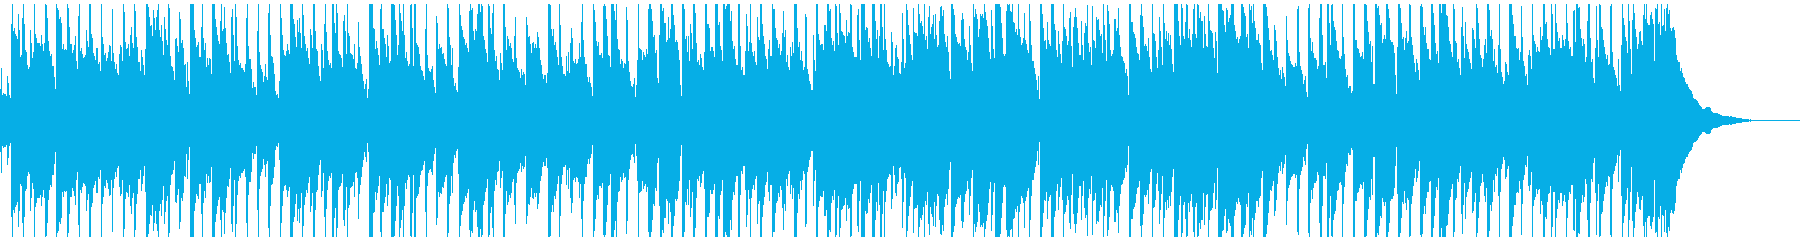 生音マンドリンとピアノの気楽なポップスの再生済みの波形